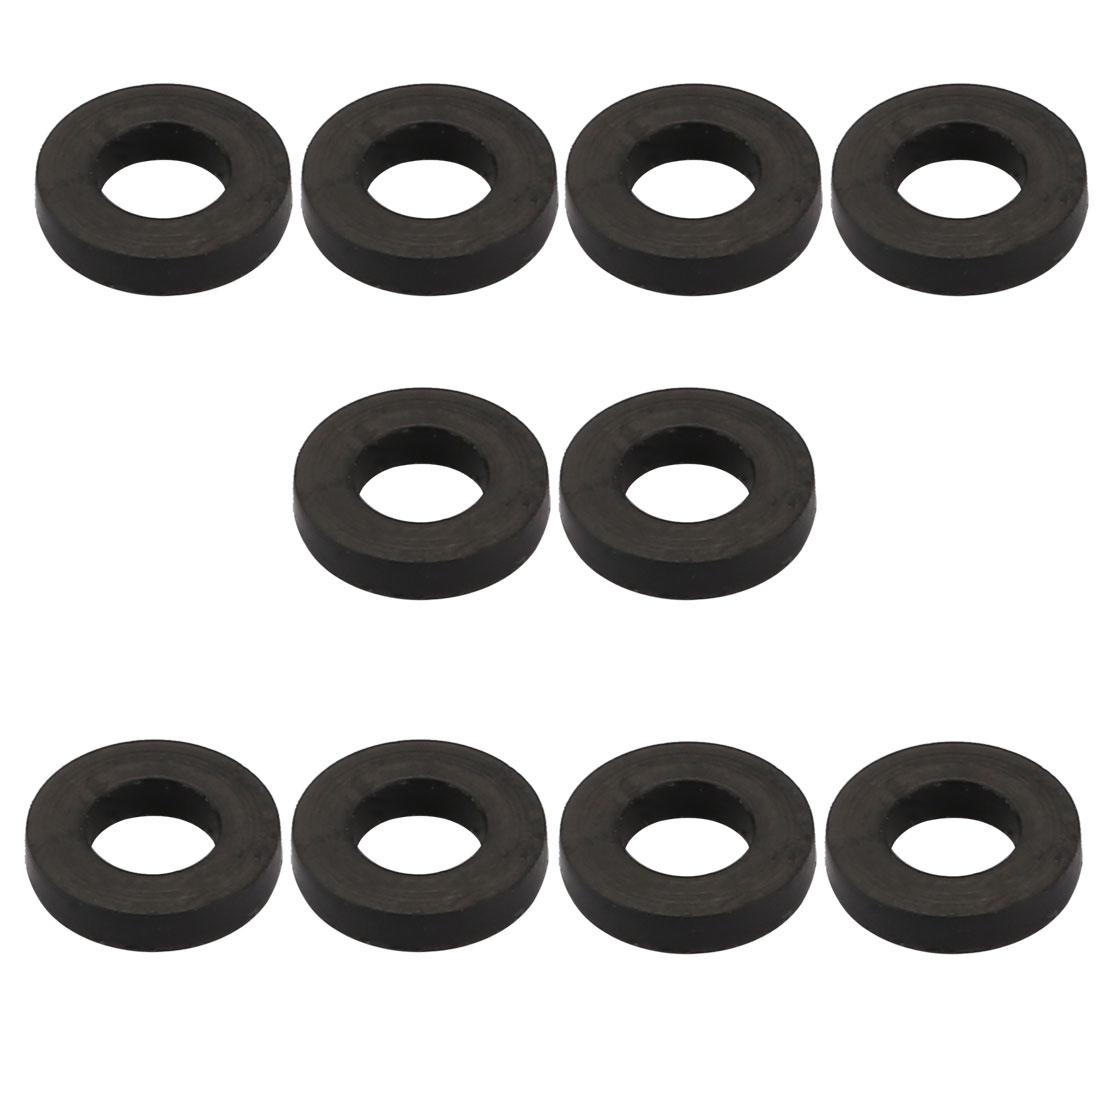 10Pcs rondelle plate ronde caoutchouc mesures assortie 4x7.3x1.5mm - image 2 de 2